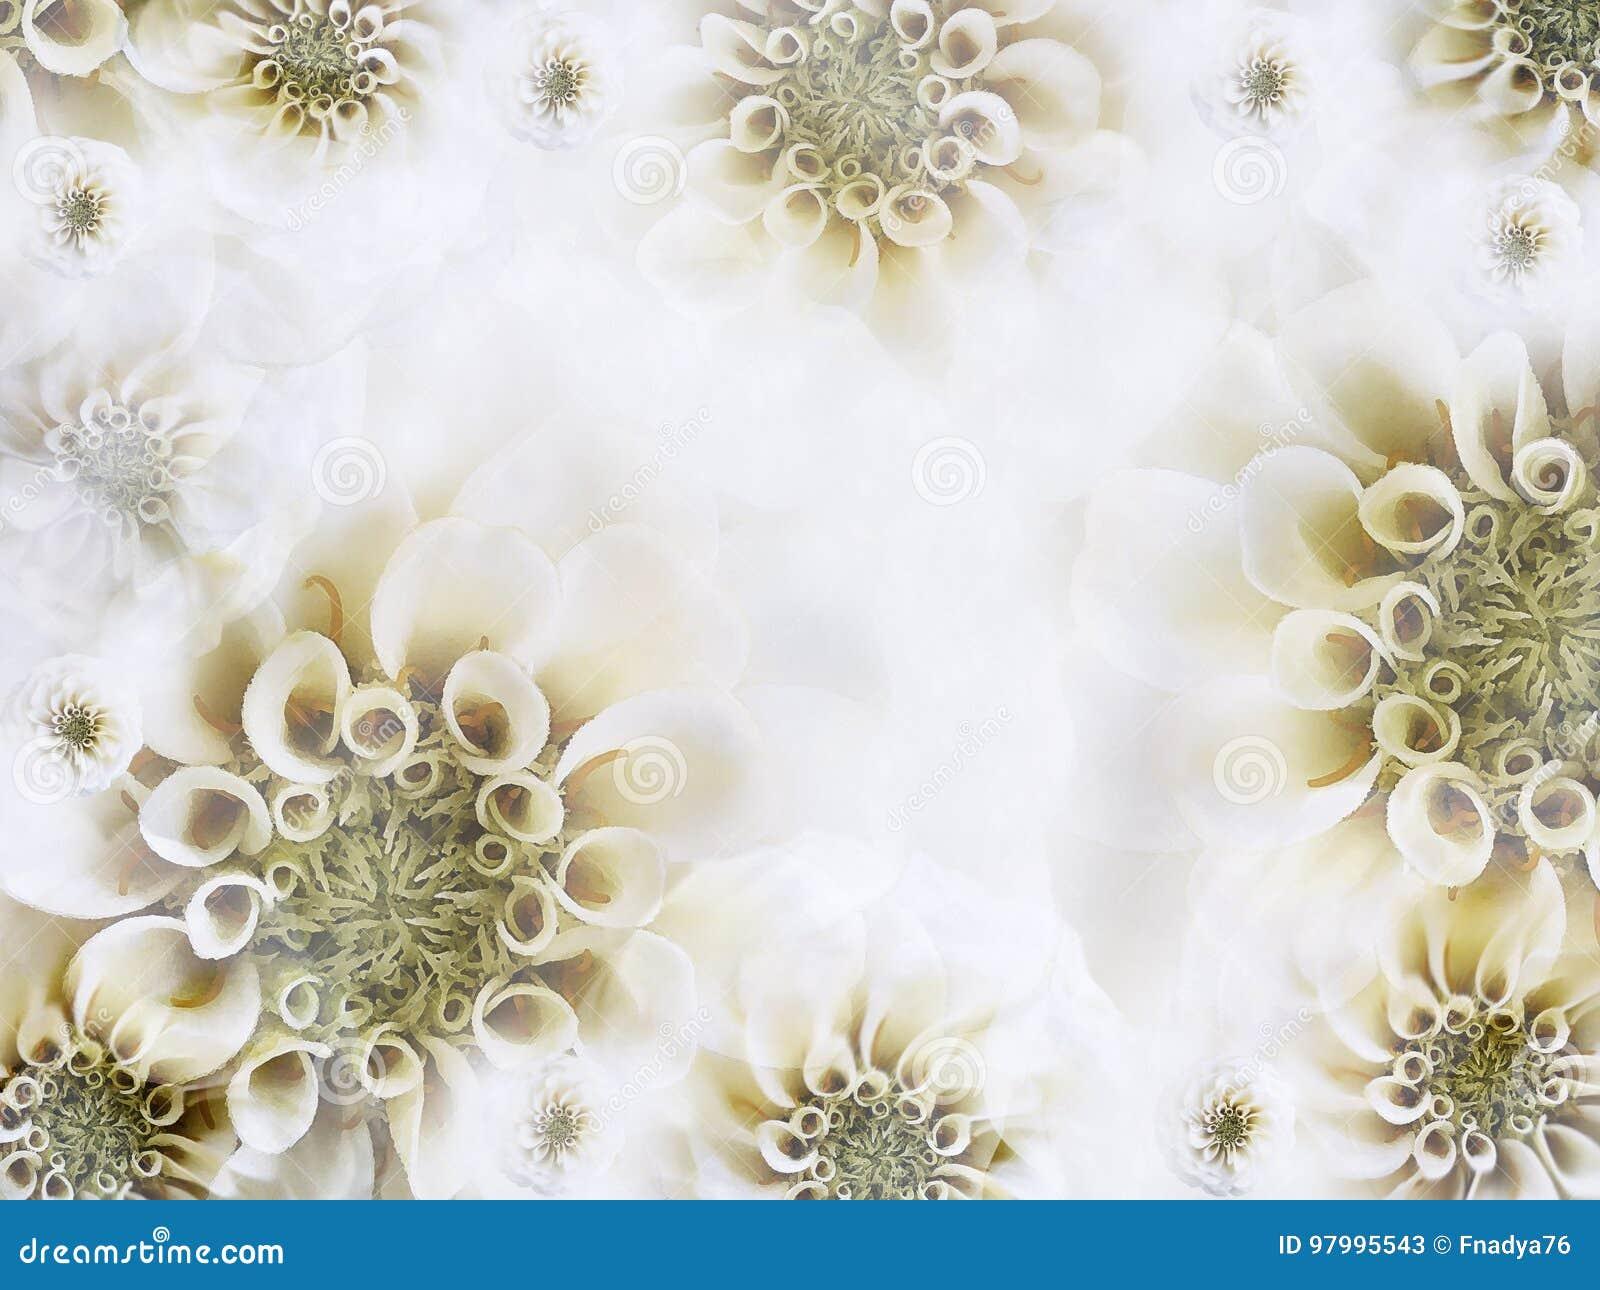 Fiori Bianchi Leggeri.Bello Fondo Bianco Giallo Floreale Carte Da Parati Dei Fiori